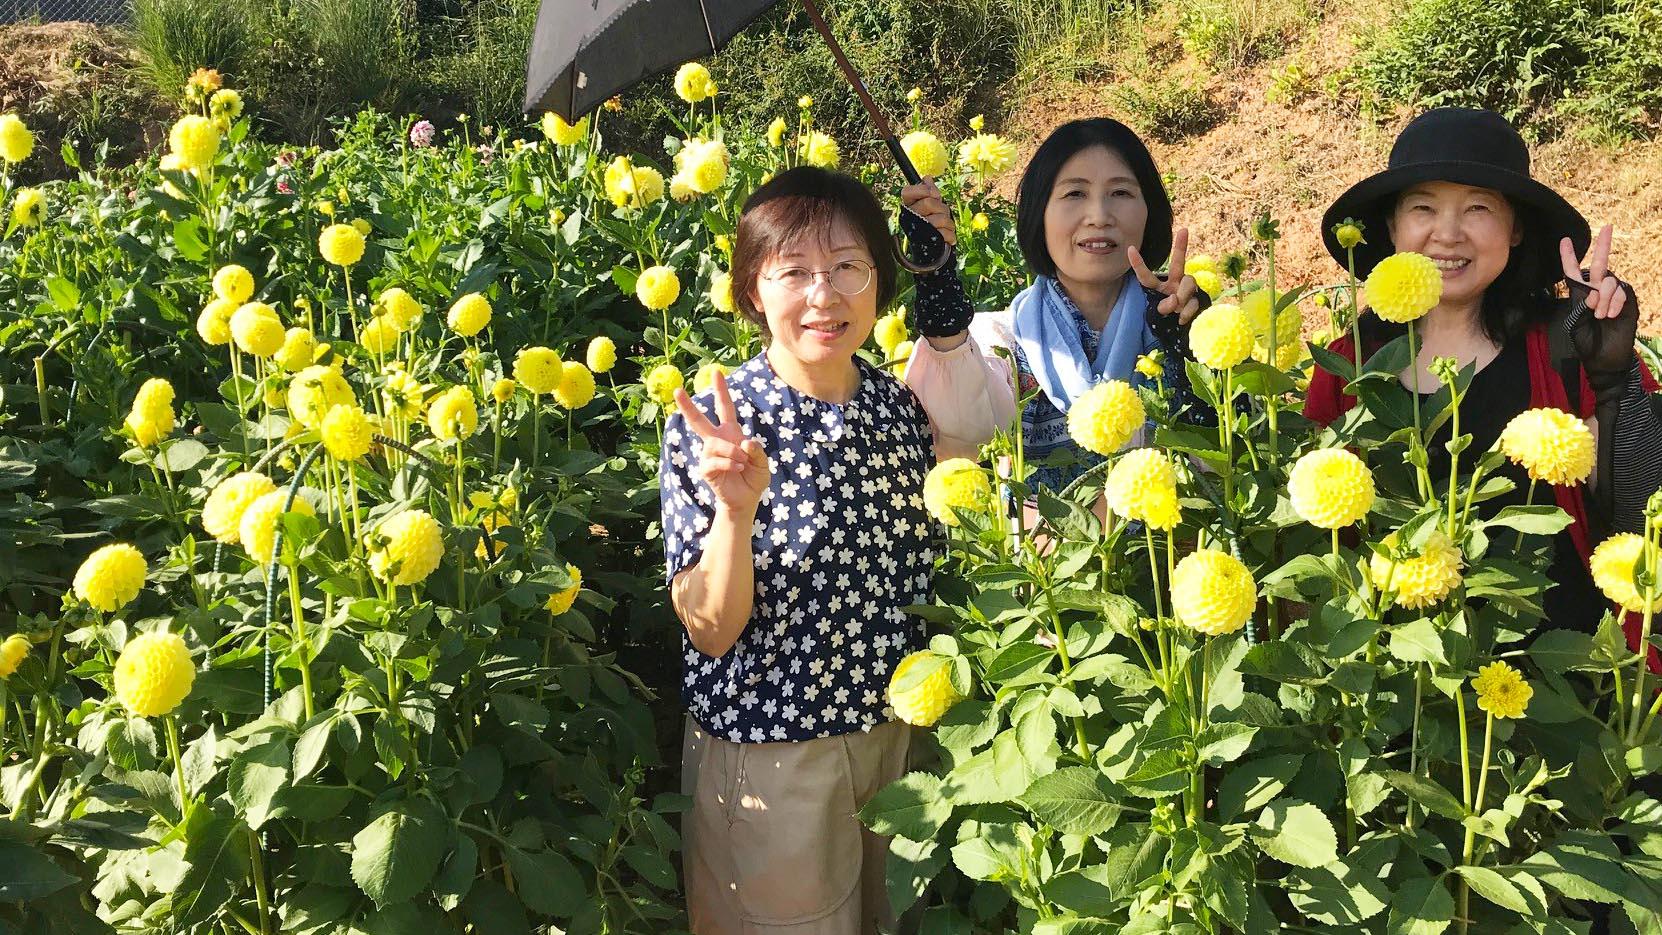 広島 世羅高原農場ダリア祭2019ツアー催行!